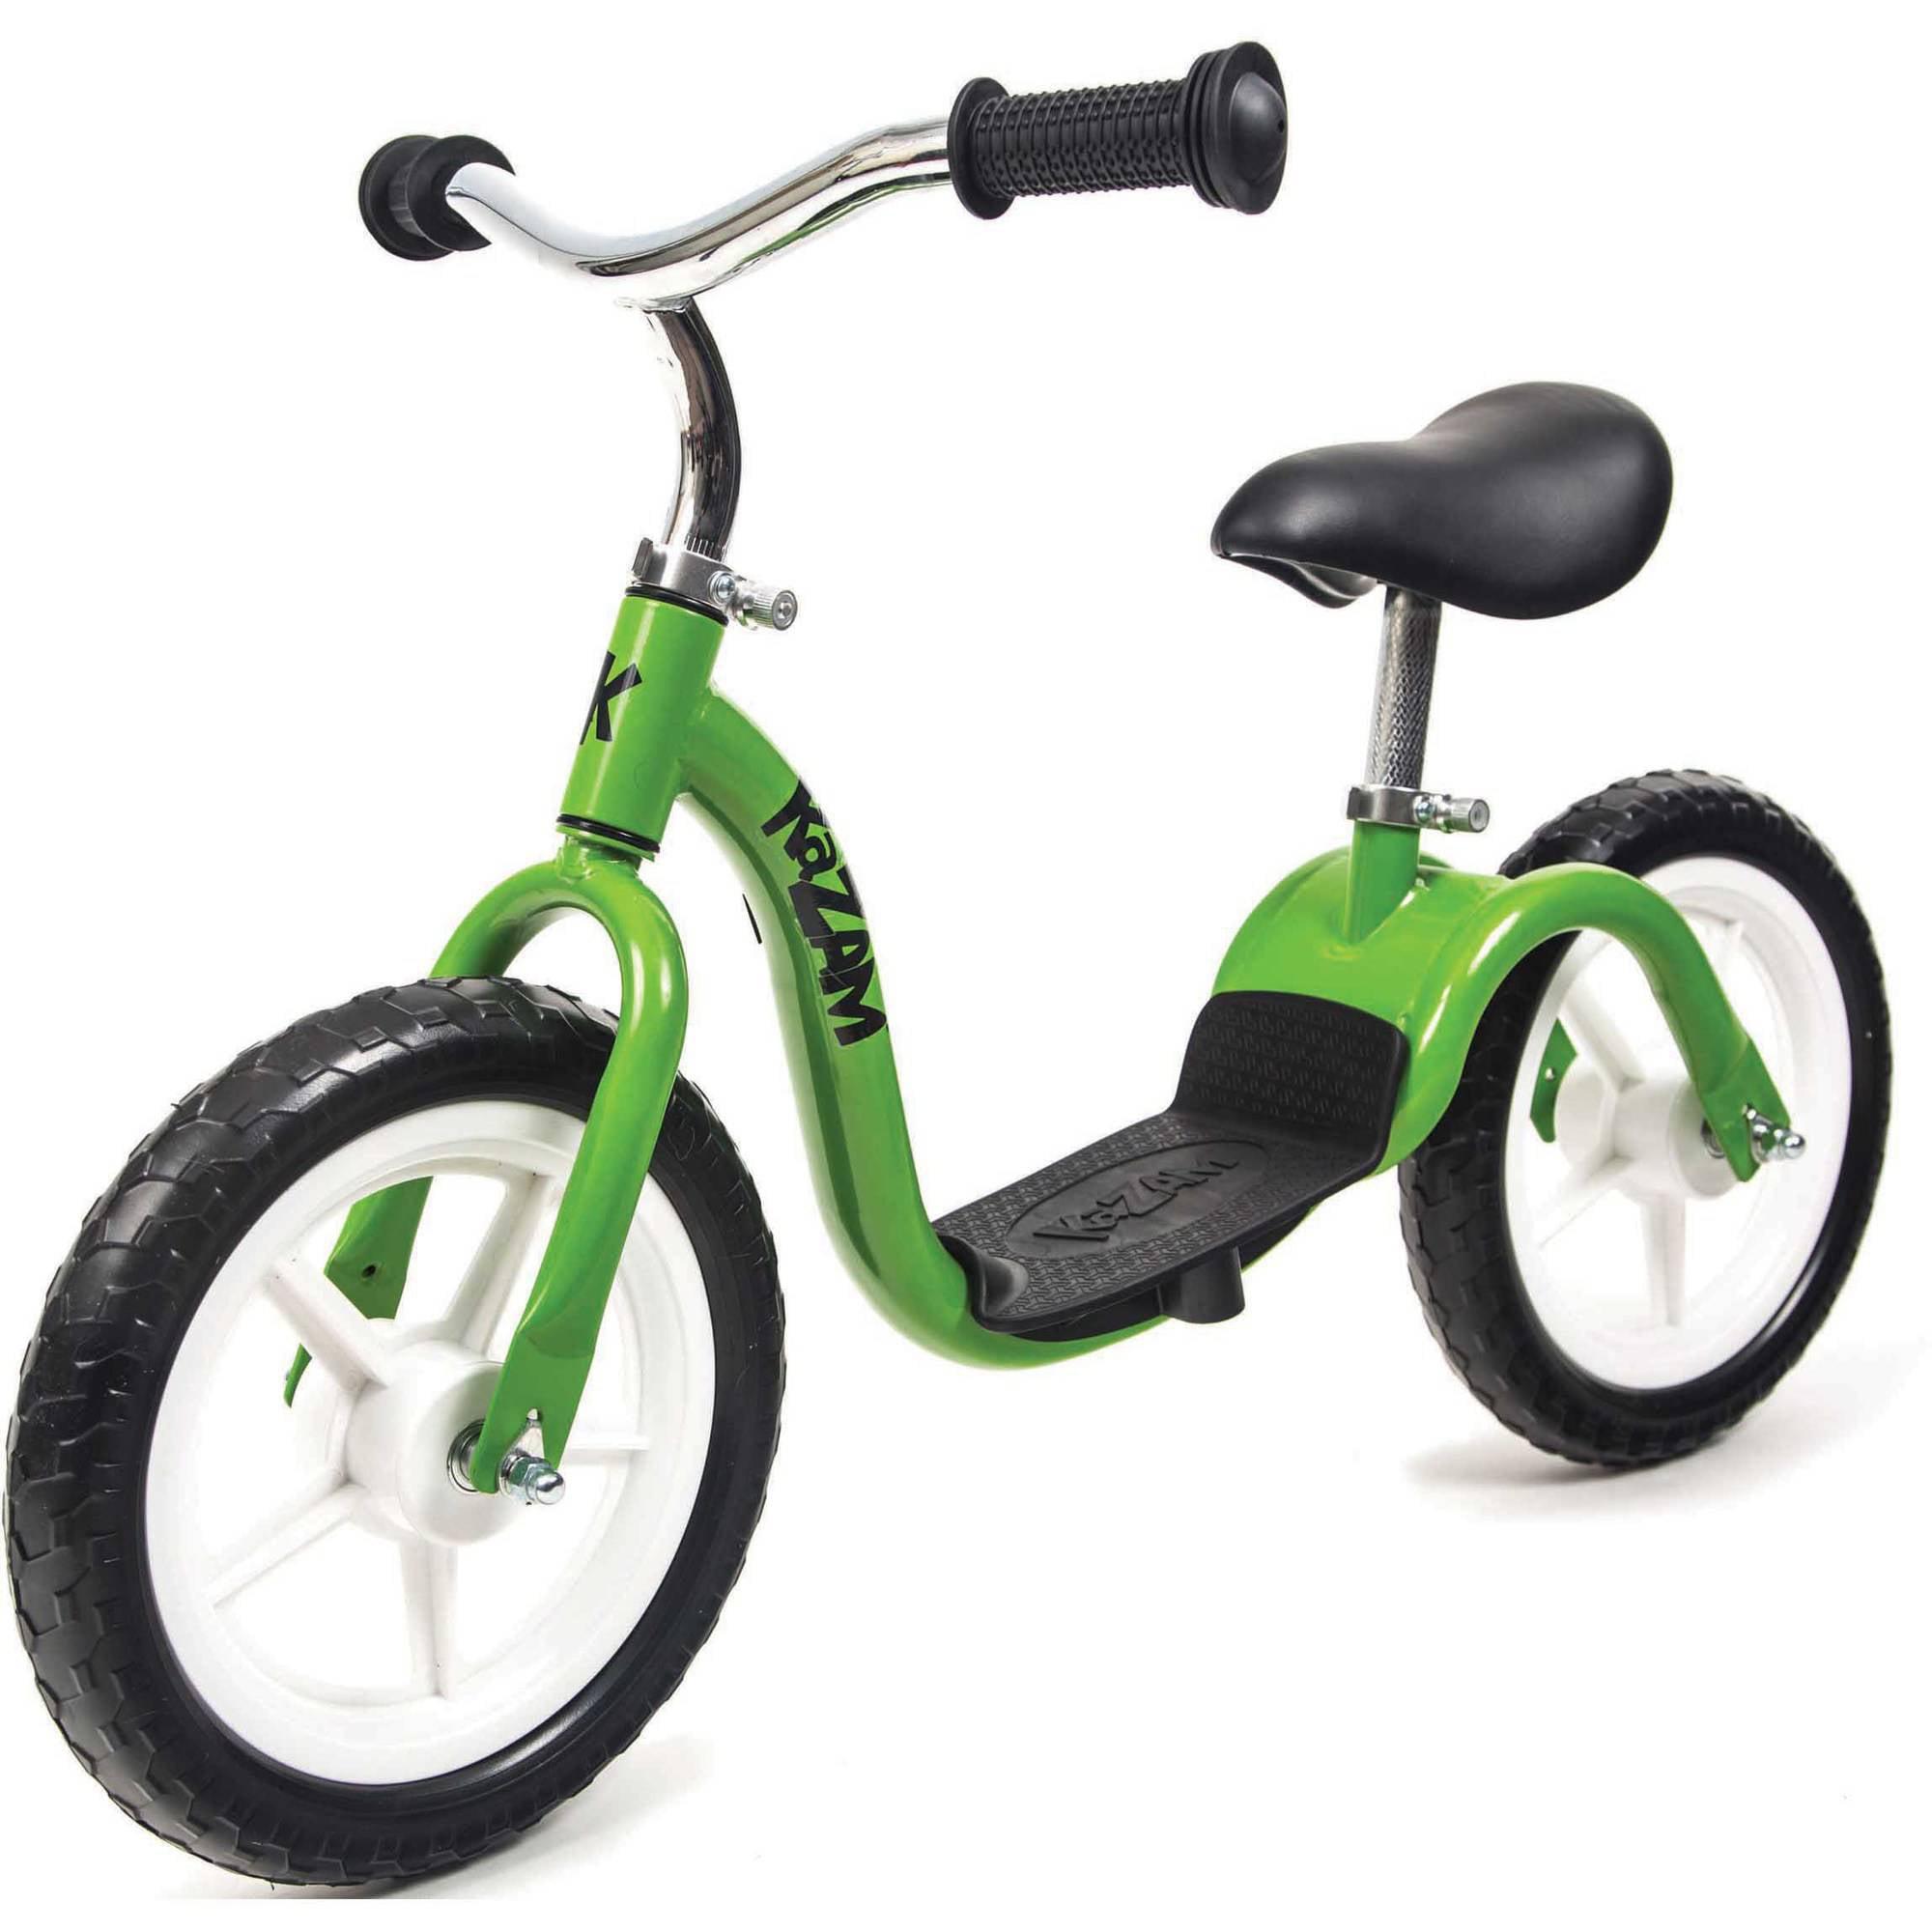 KaZAM Balance Bike, Green